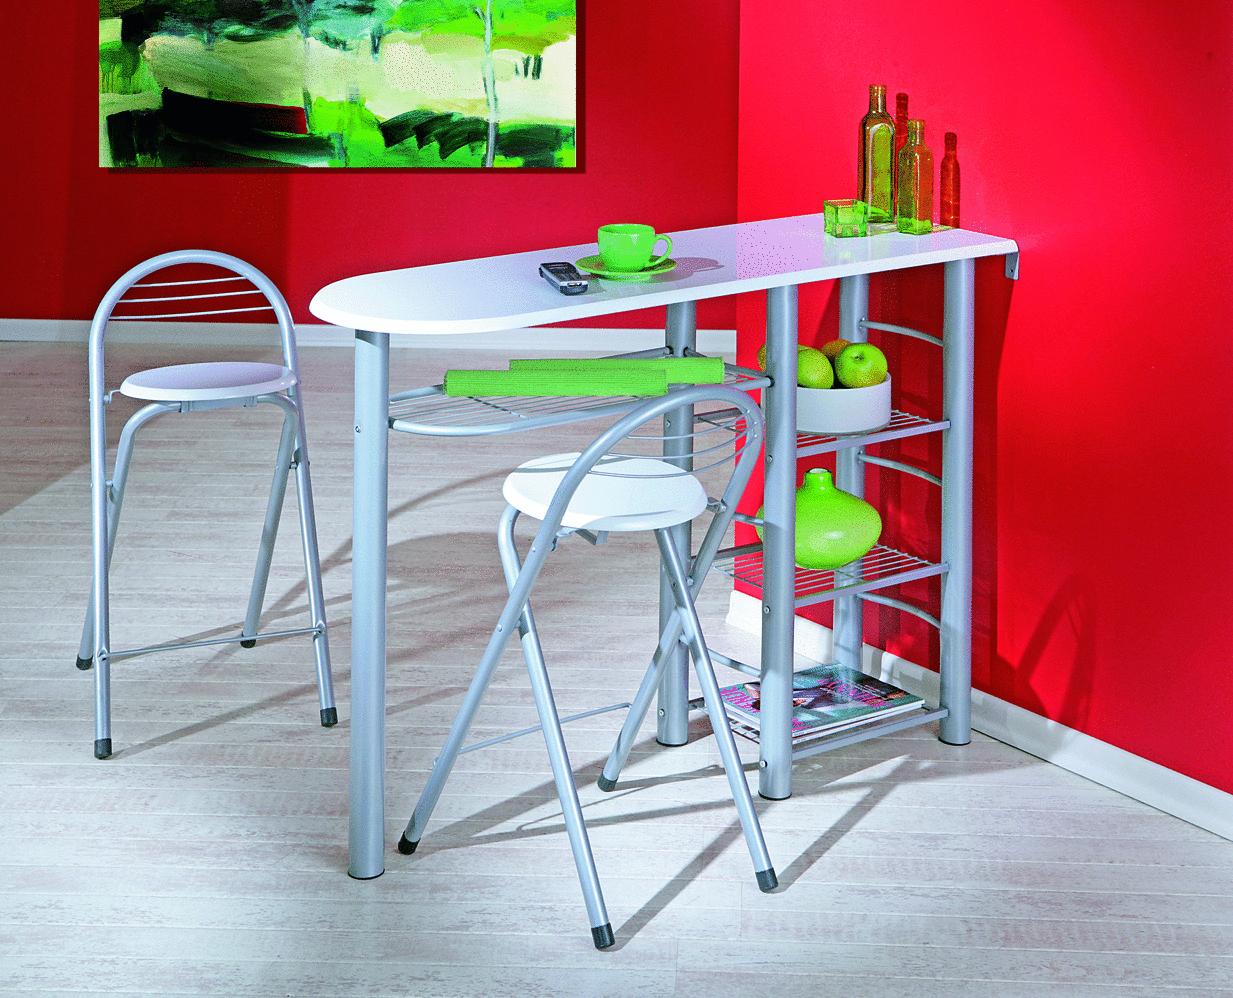 Tavolo da colazione compact 43 tavolo da pranzo con due sedie - Table cuisine avec tabouret ...